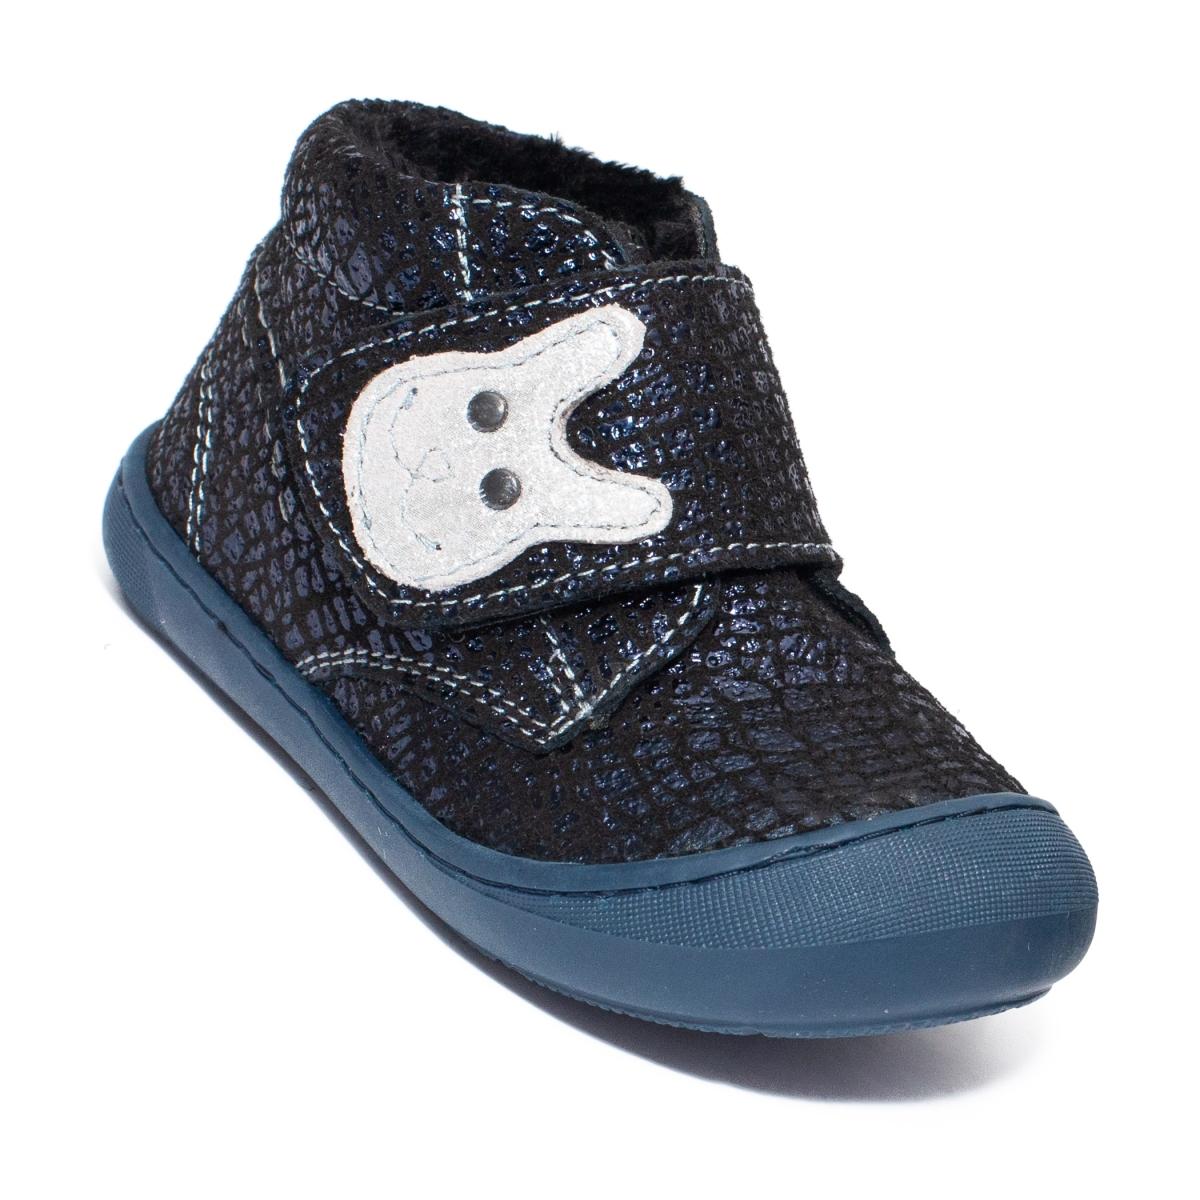 Ghetute flexibile fete vatuite pj shoes Teddy blu lux 20-26